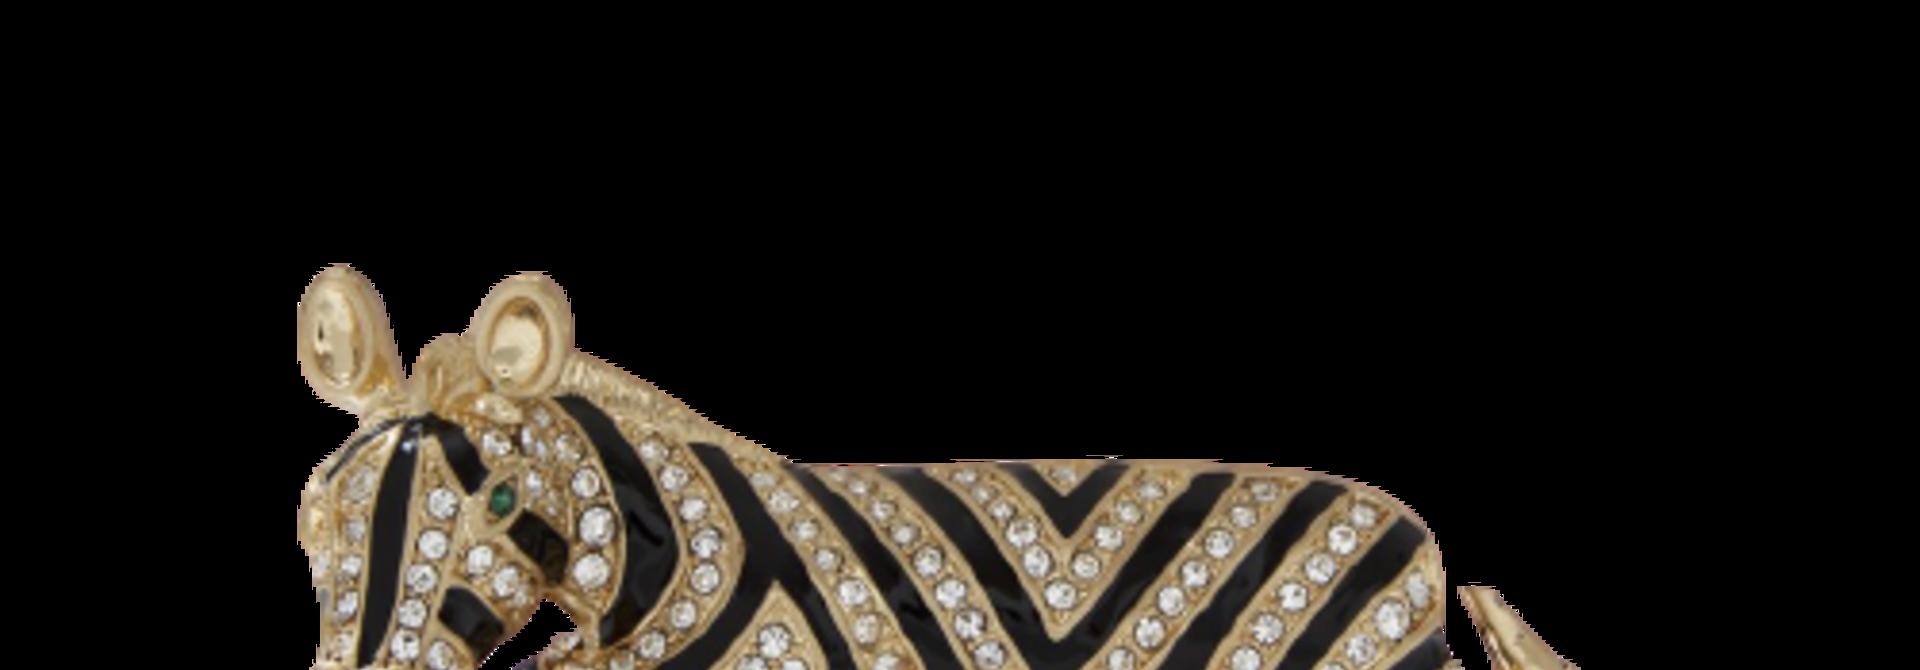 JOANNA BUCHANAN - Brand Zebra Square Set